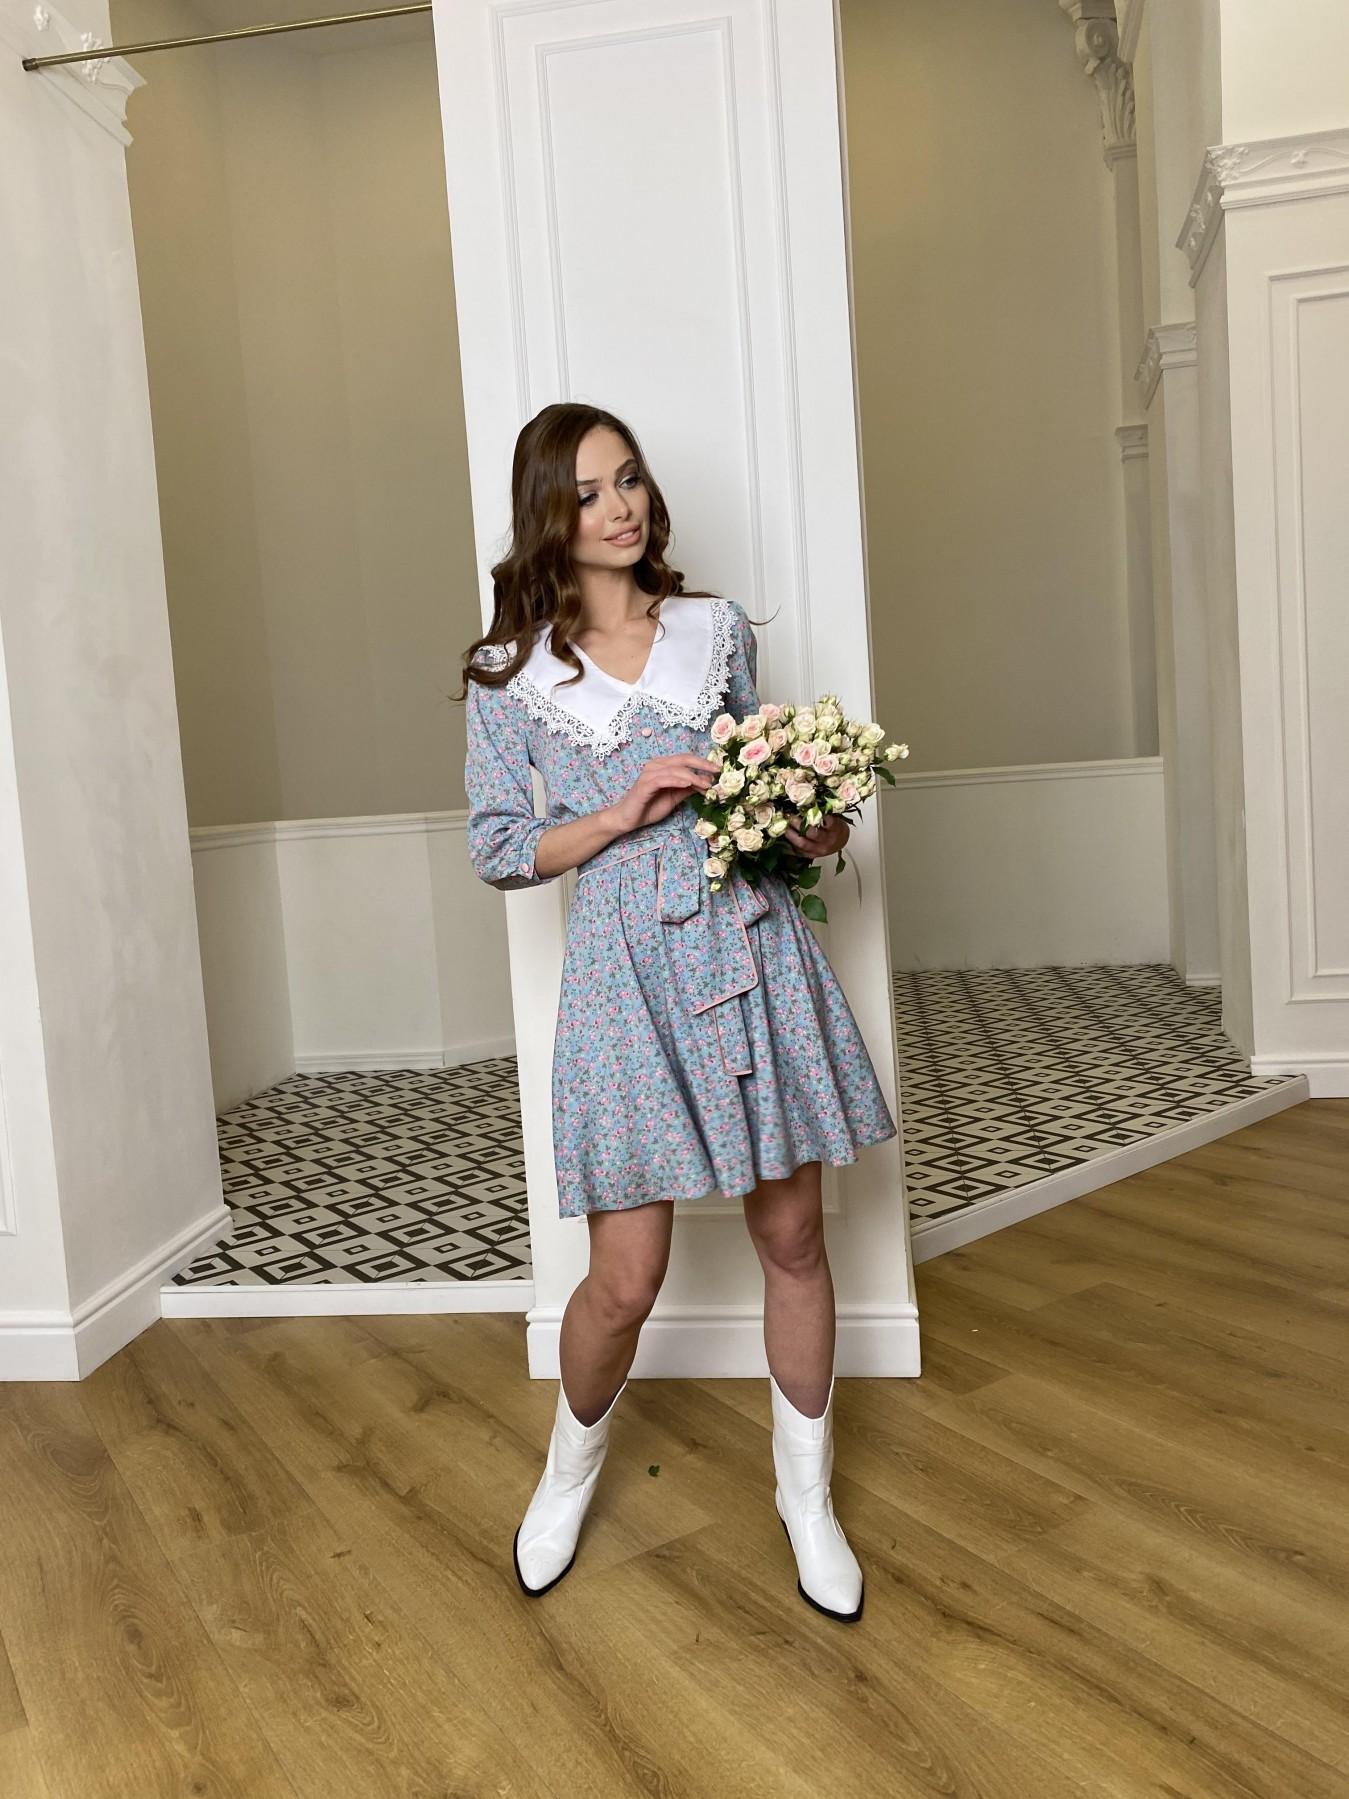 Джейн платье  костюмка штапель принт 10881 АРТ. 47419 Цвет: Цветы мел олива/роз/гол - фото 7, интернет магазин tm-modus.ru